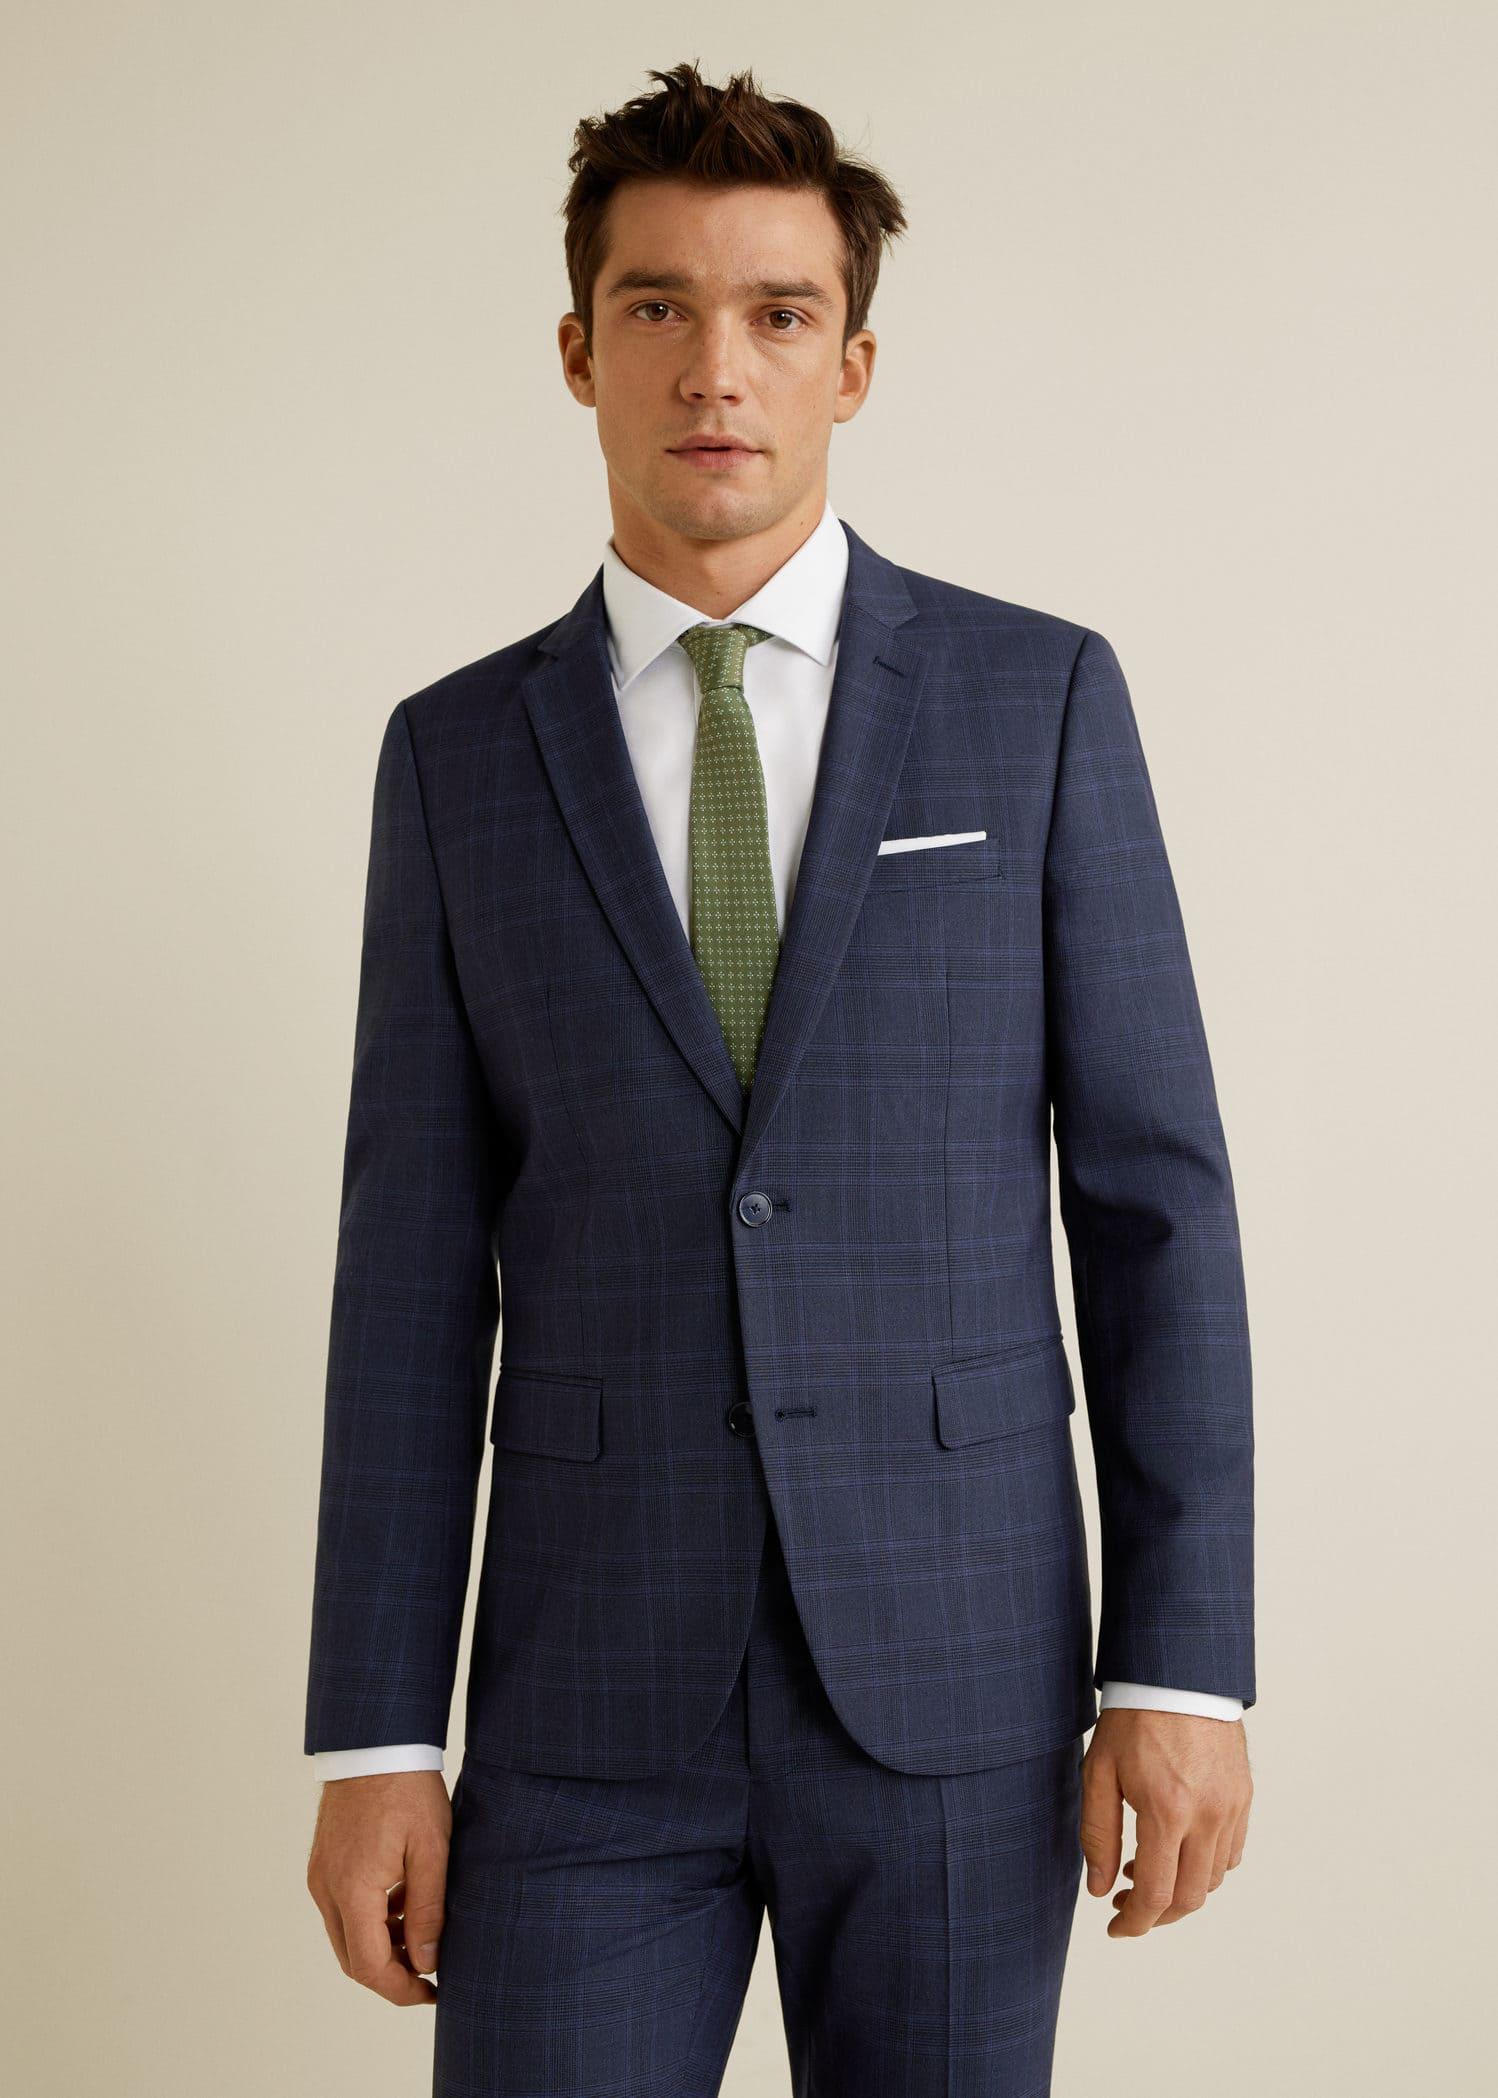 Homme Super Côte Mango Fit Veste De Costume Slim Man D'ivoire C7nqxXwv